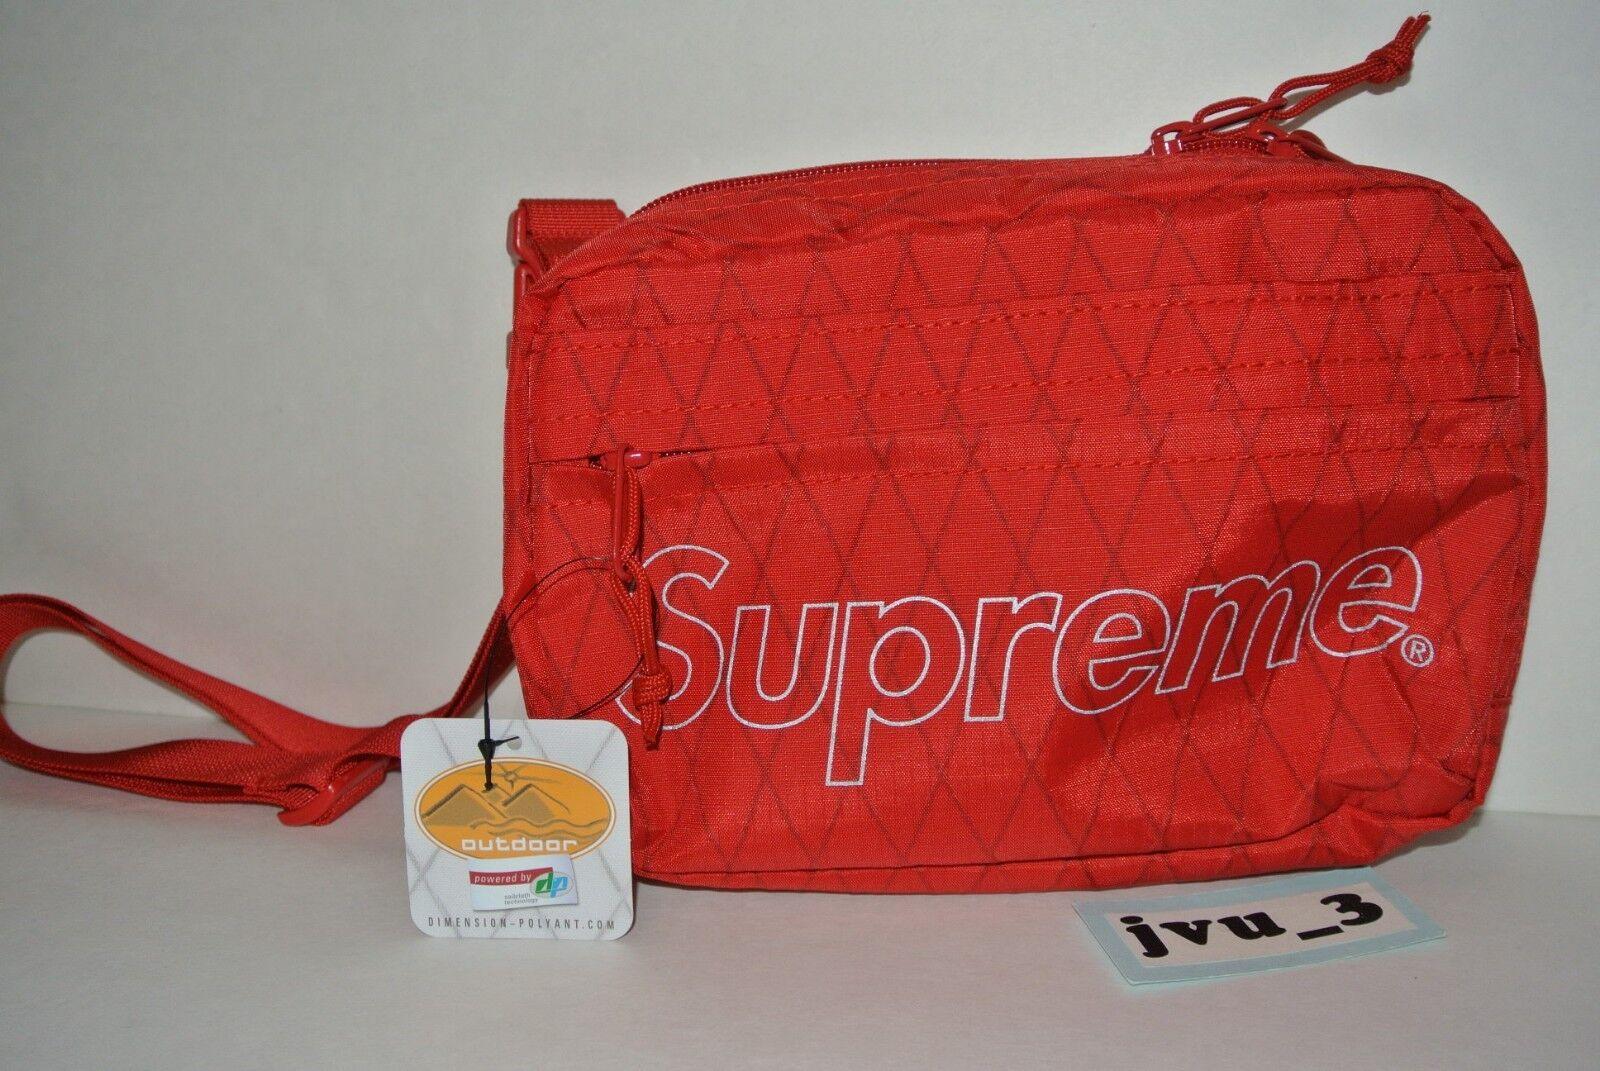 1d25d12d476 Supreme Fw18 Shoulder Bag Red 3m Reflective DP Dimension Polyant Sailcloth  Tech for sale online | eBay